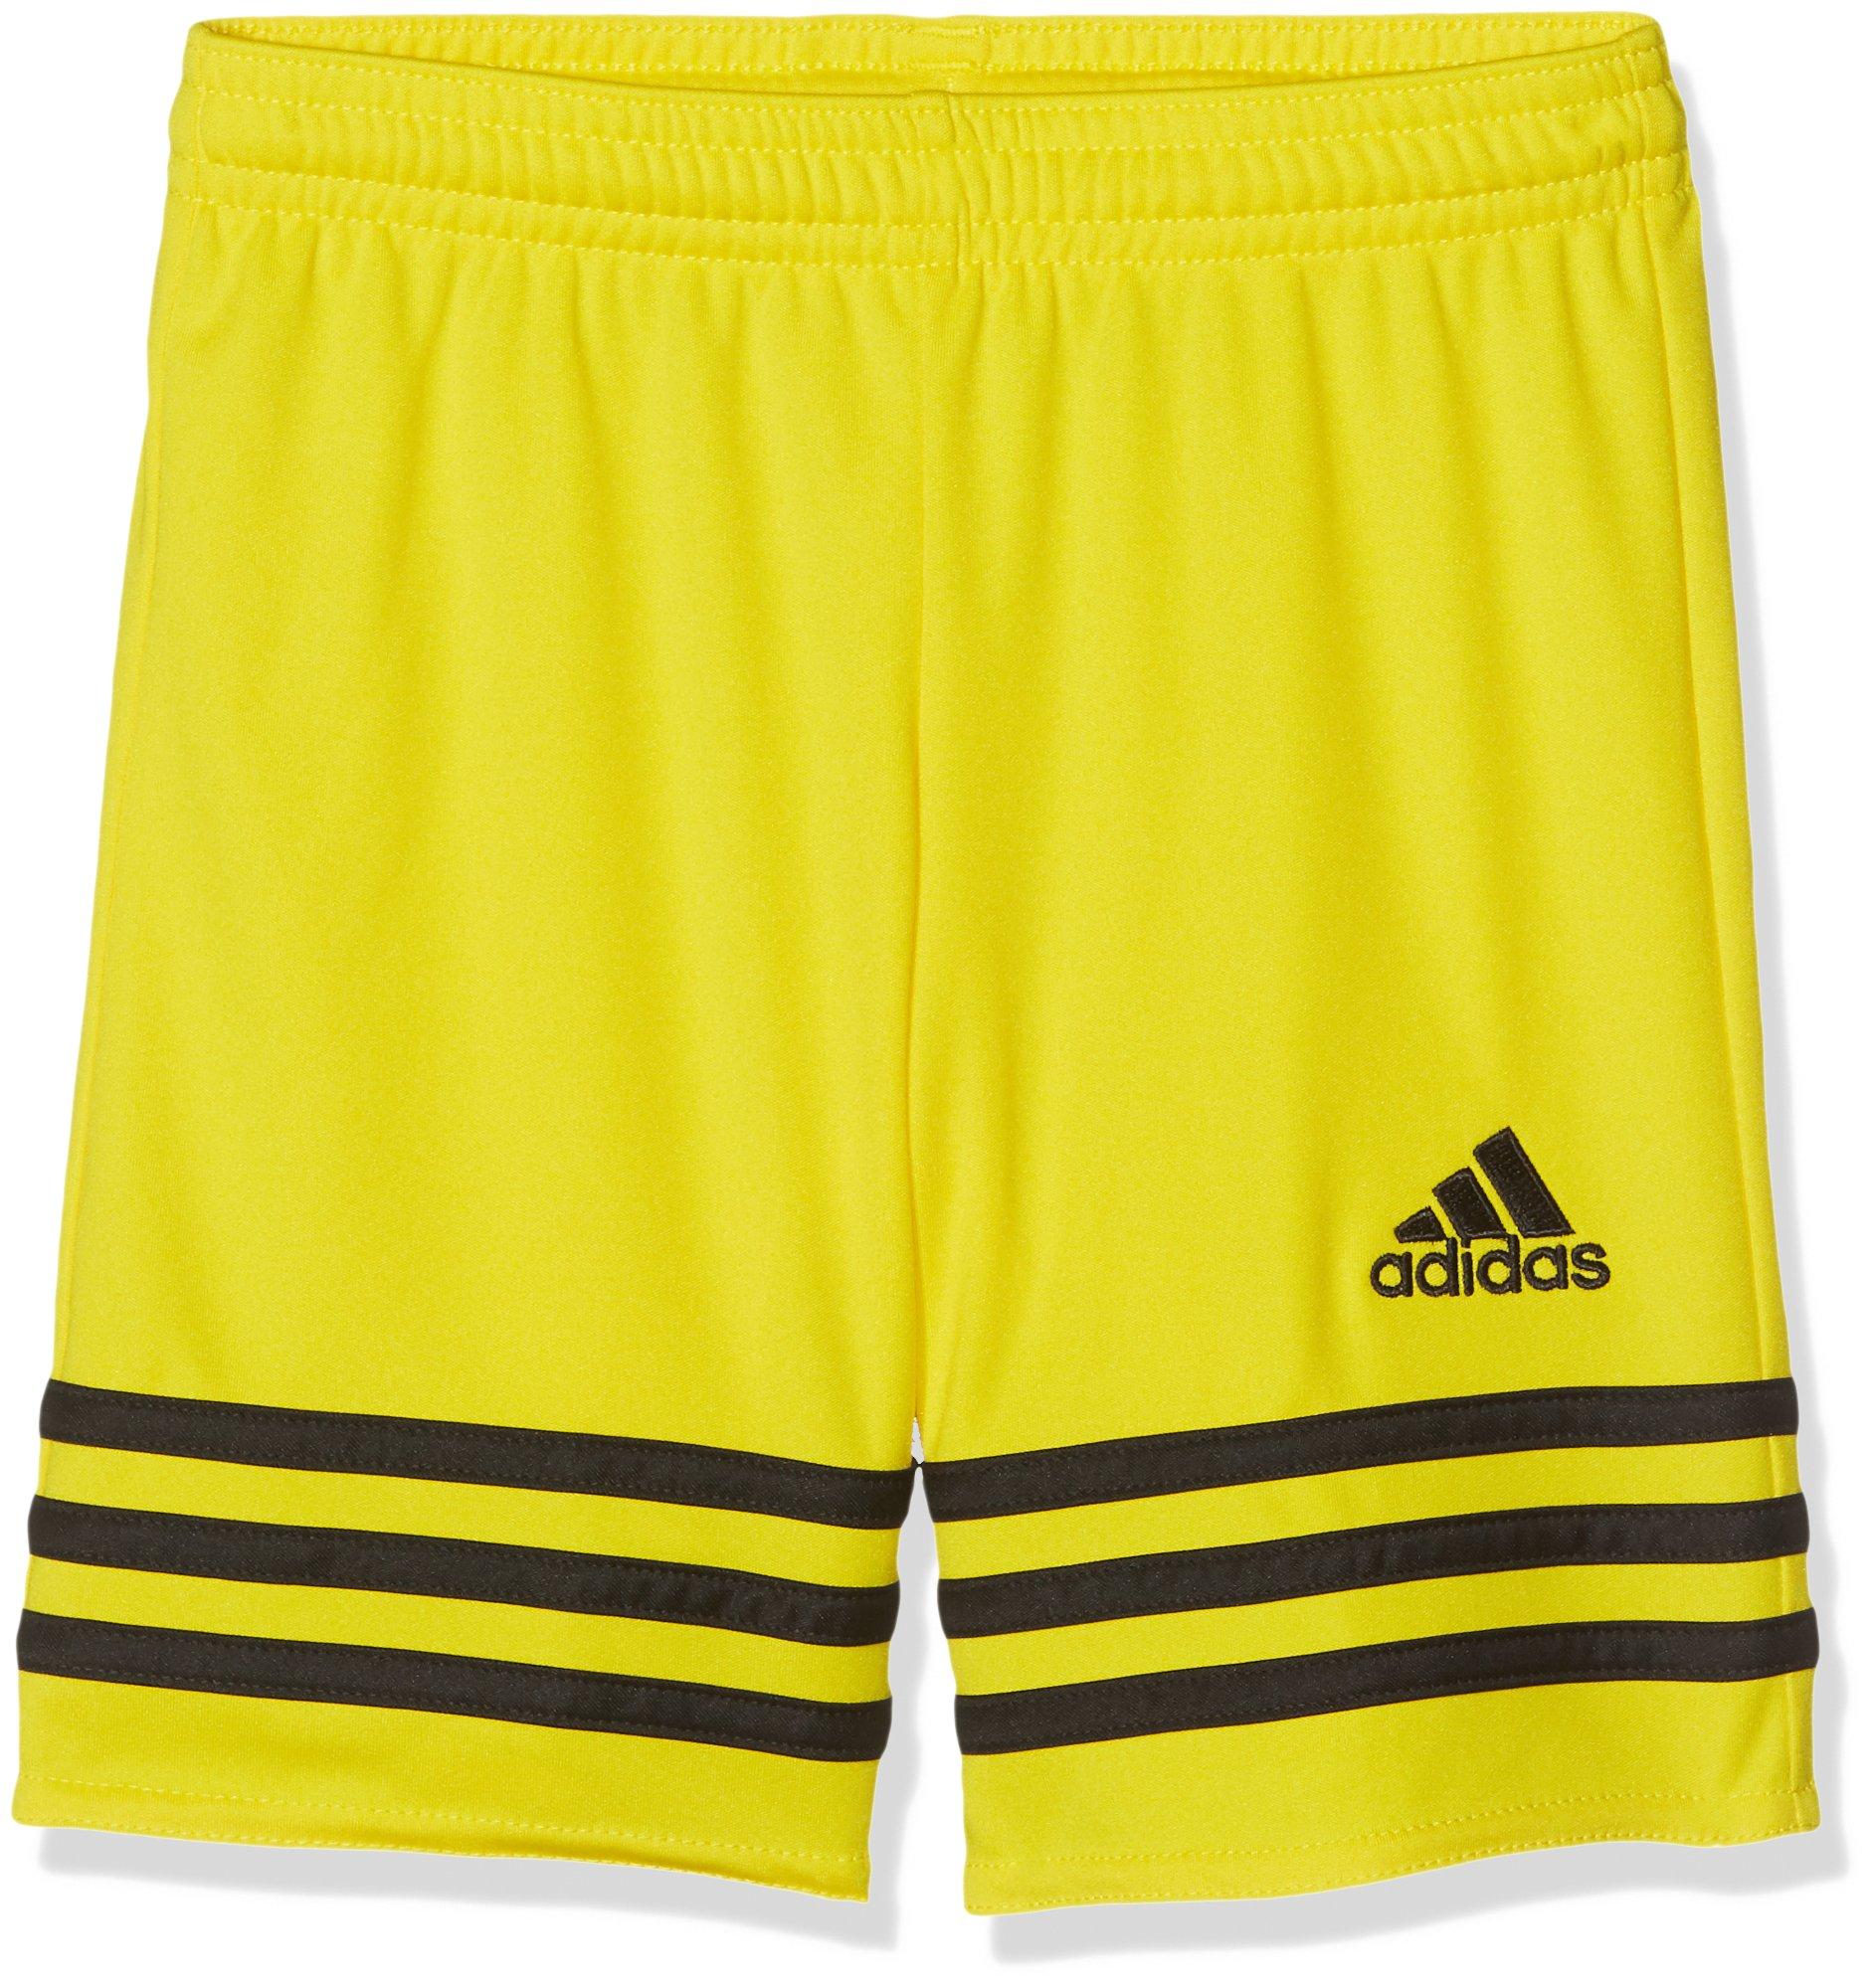 foto ufficiali d918e 54cdb Adidas Entrada 14, Pantaloncini Bambino - FACESHOPPING